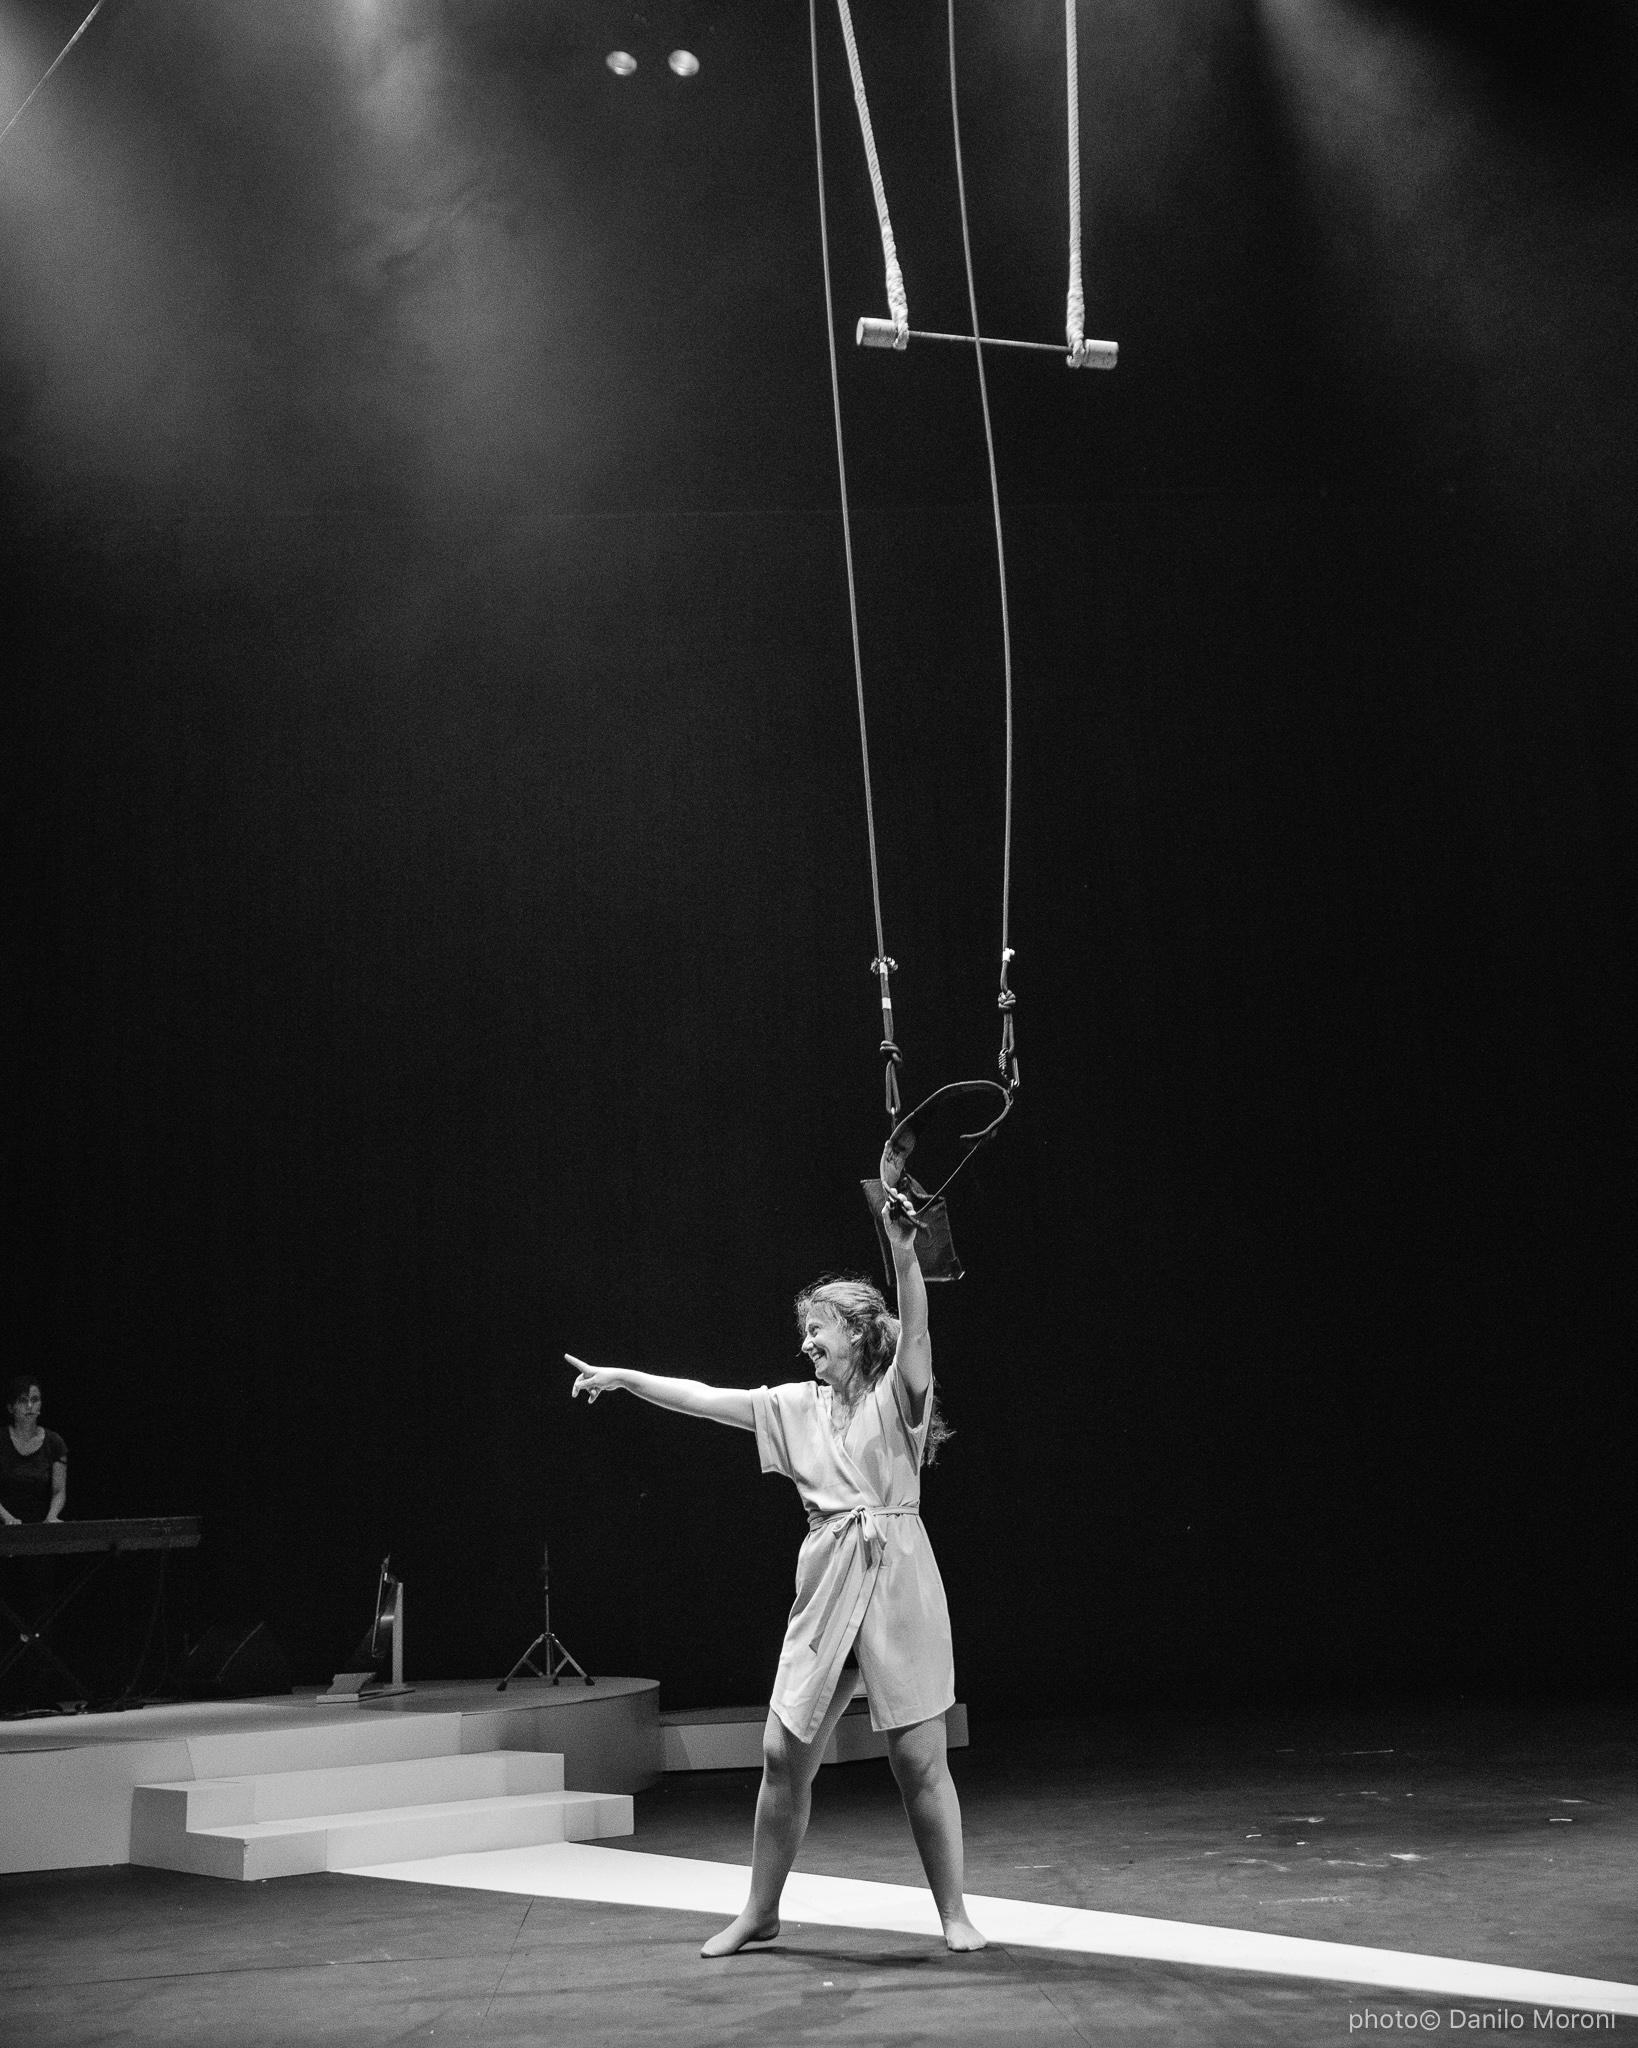 Teatro-en-vilo-Circo-Price-Miss-Mara-photo-Danilo-Moroni-614.jpg